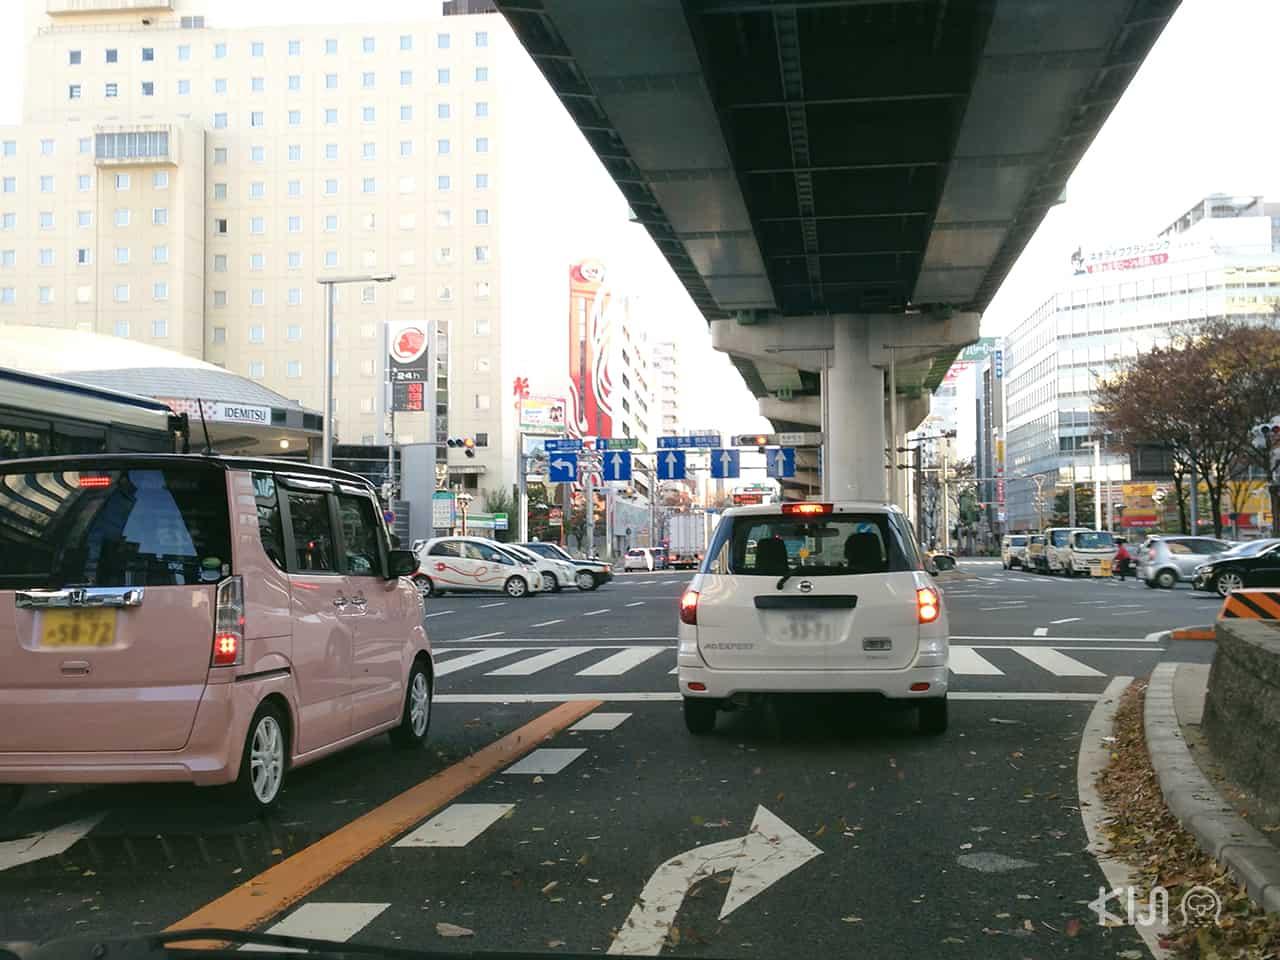 การขับรถเลี้ยวขวา ใน สังคม ญี่ปุ่น